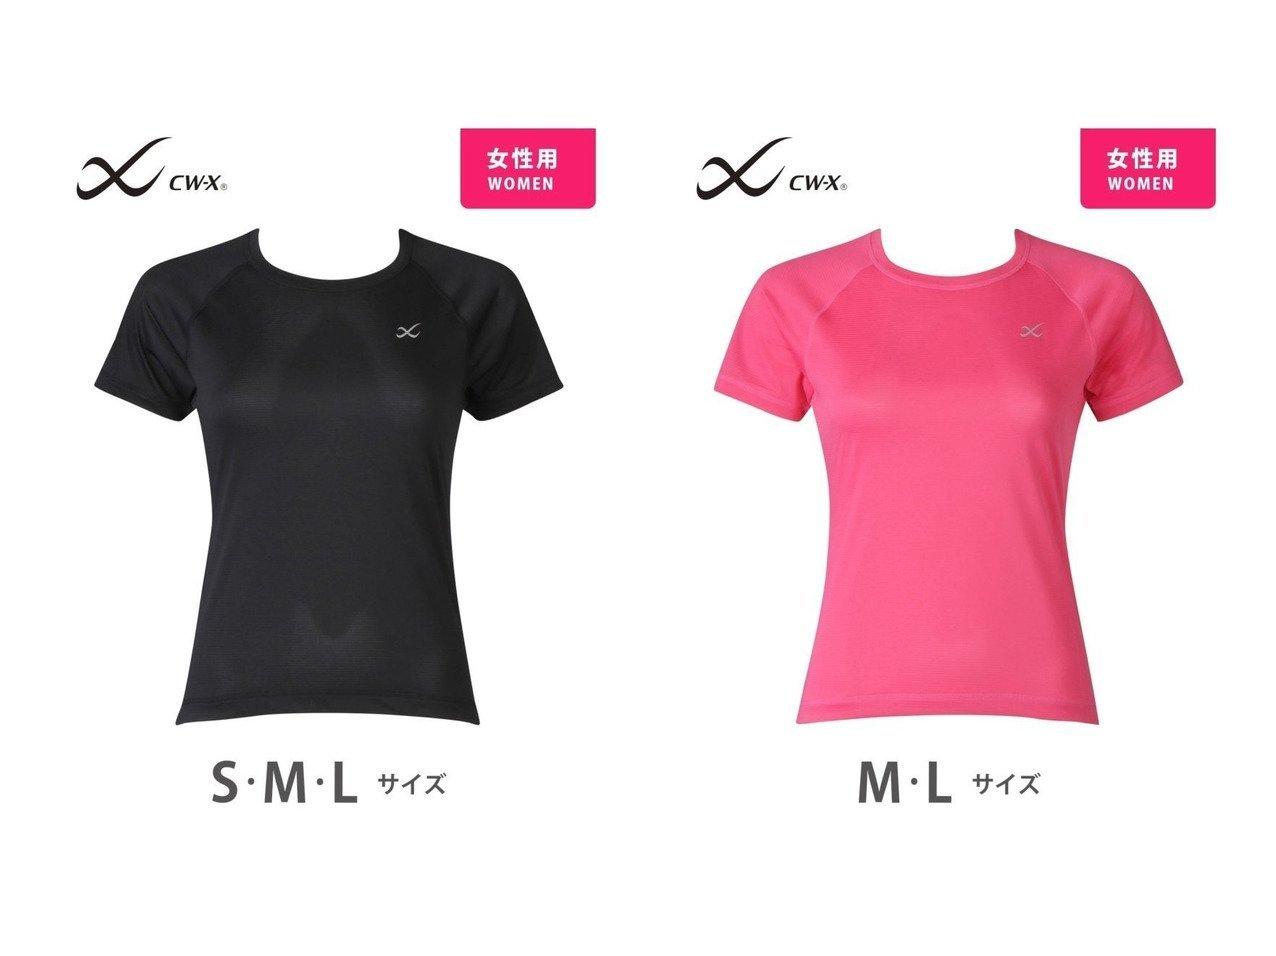 【CW-X/シーダブリューエックス】のCW-X Tシャツ 半袖 吸汗速乾 UV(M・L・LL)レディース おすすめ!人気、トレンド・レディースファッションの通販 おすすめで人気の流行・トレンド、ファッションの通販商品 インテリア・家具・メンズファッション・キッズファッション・レディースファッション・服の通販 founy(ファニー) https://founy.com/ ファッション Fashion レディースファッション WOMEN トップス・カットソー Tops/Tshirt シャツ/ブラウス Shirts/Blouses ロング / Tシャツ T-Shirts カットソー Cut and Sewn カットソー 半袖  ID:crp329100000061079